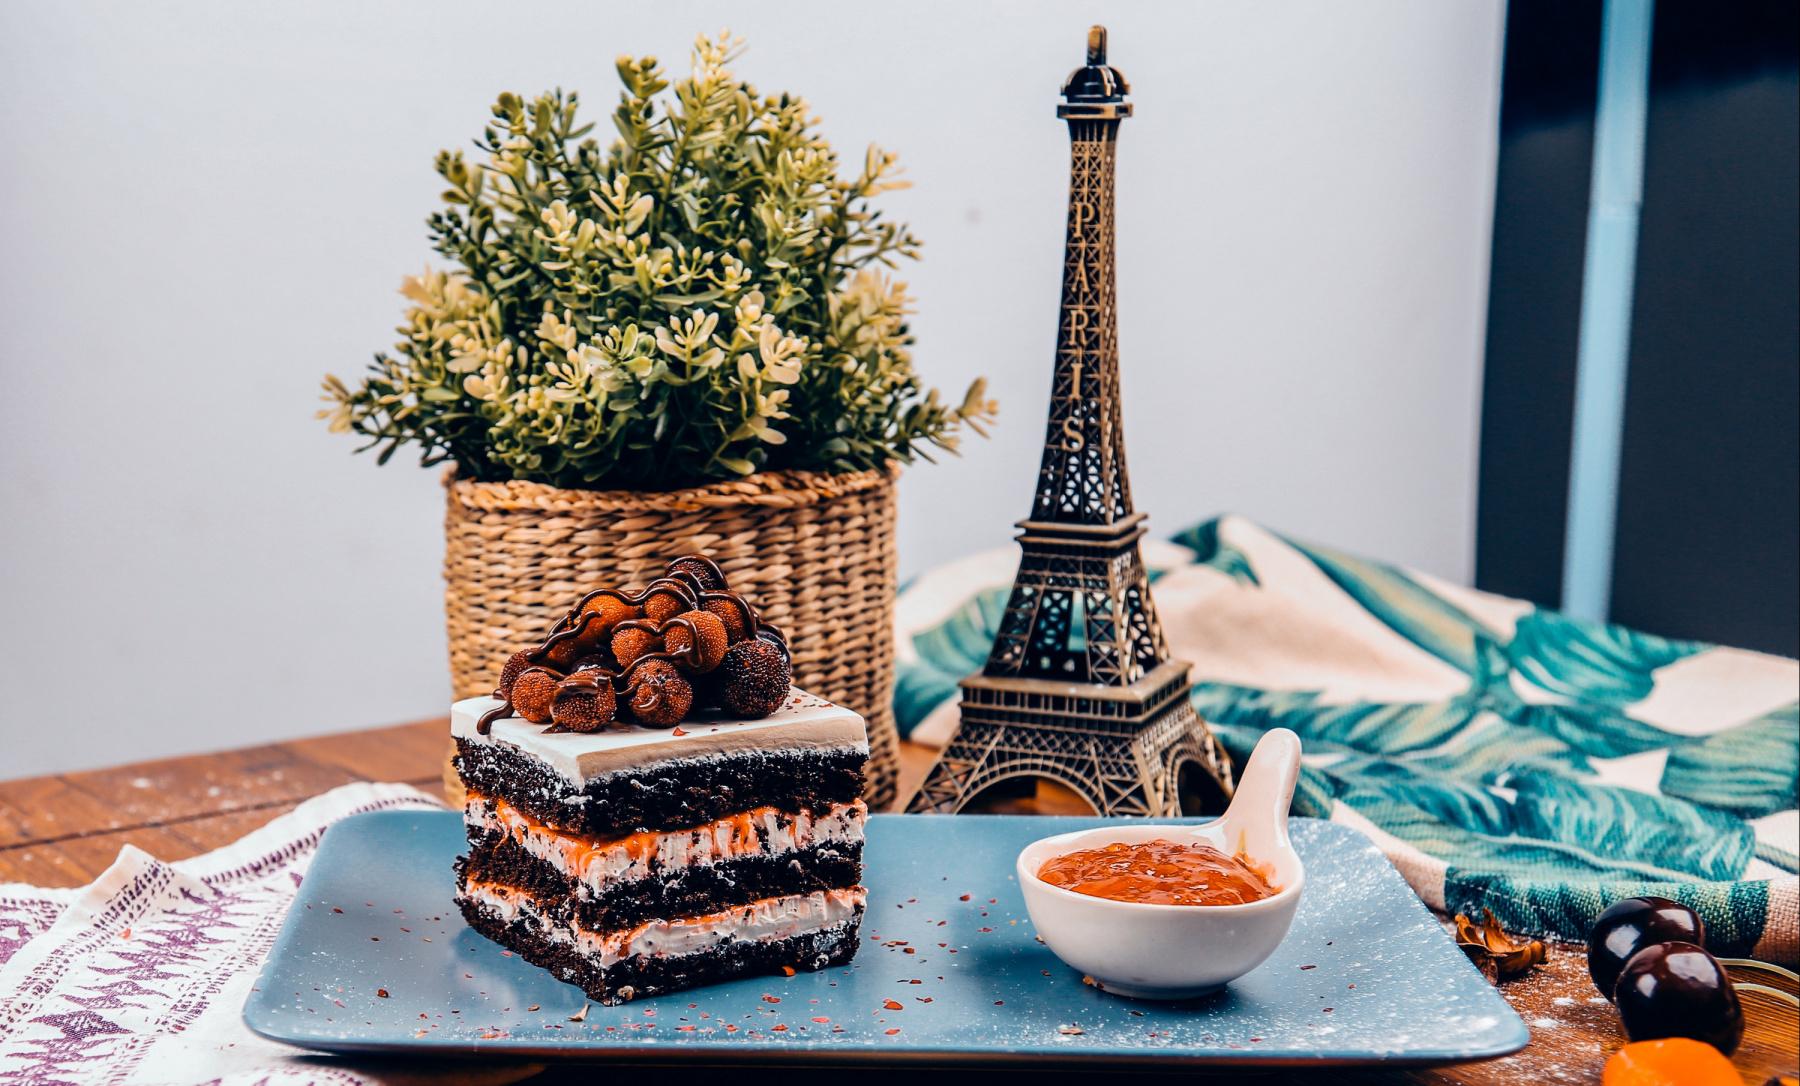 Où prendre des cours de cuisine et de pâtisserie à Paris et en Ile-de-France ? - Sortiraparis.com